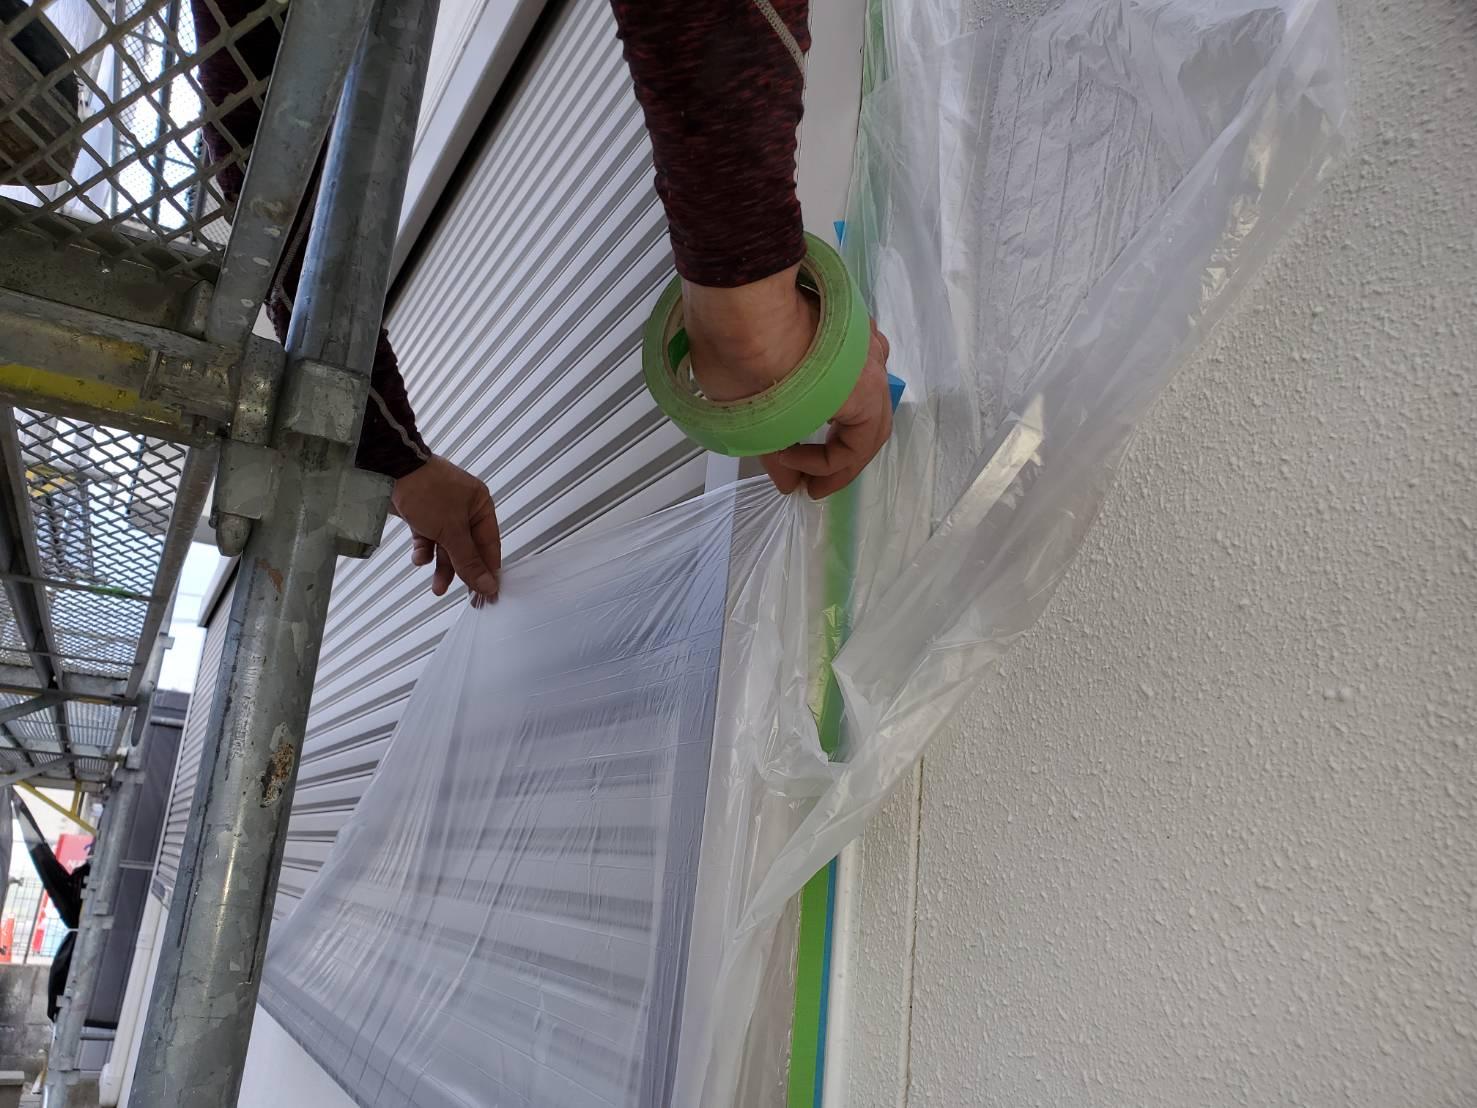 佐賀市 外壁塗装 養生 サニー建設商事 塗るばい